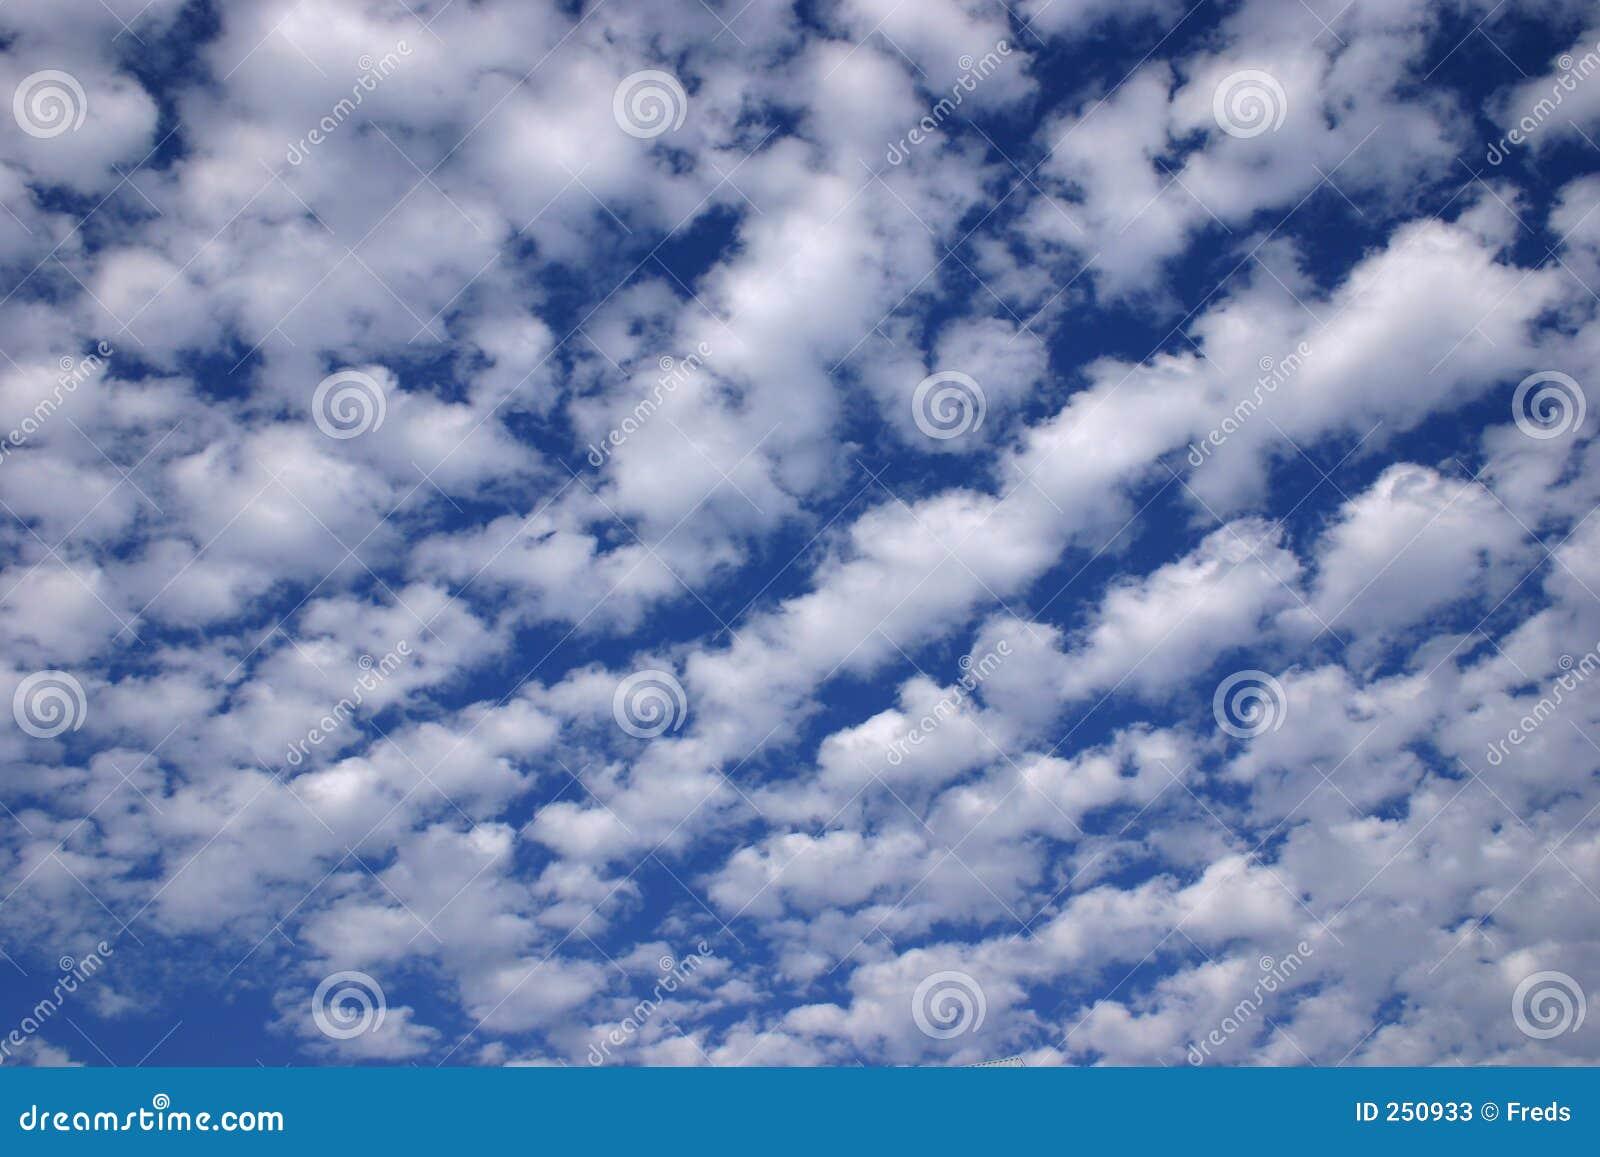 Fotos E Imagenes Cielo Azul Con Nubes: Cielo Azul Y Nubes Maravillosos Imagen De